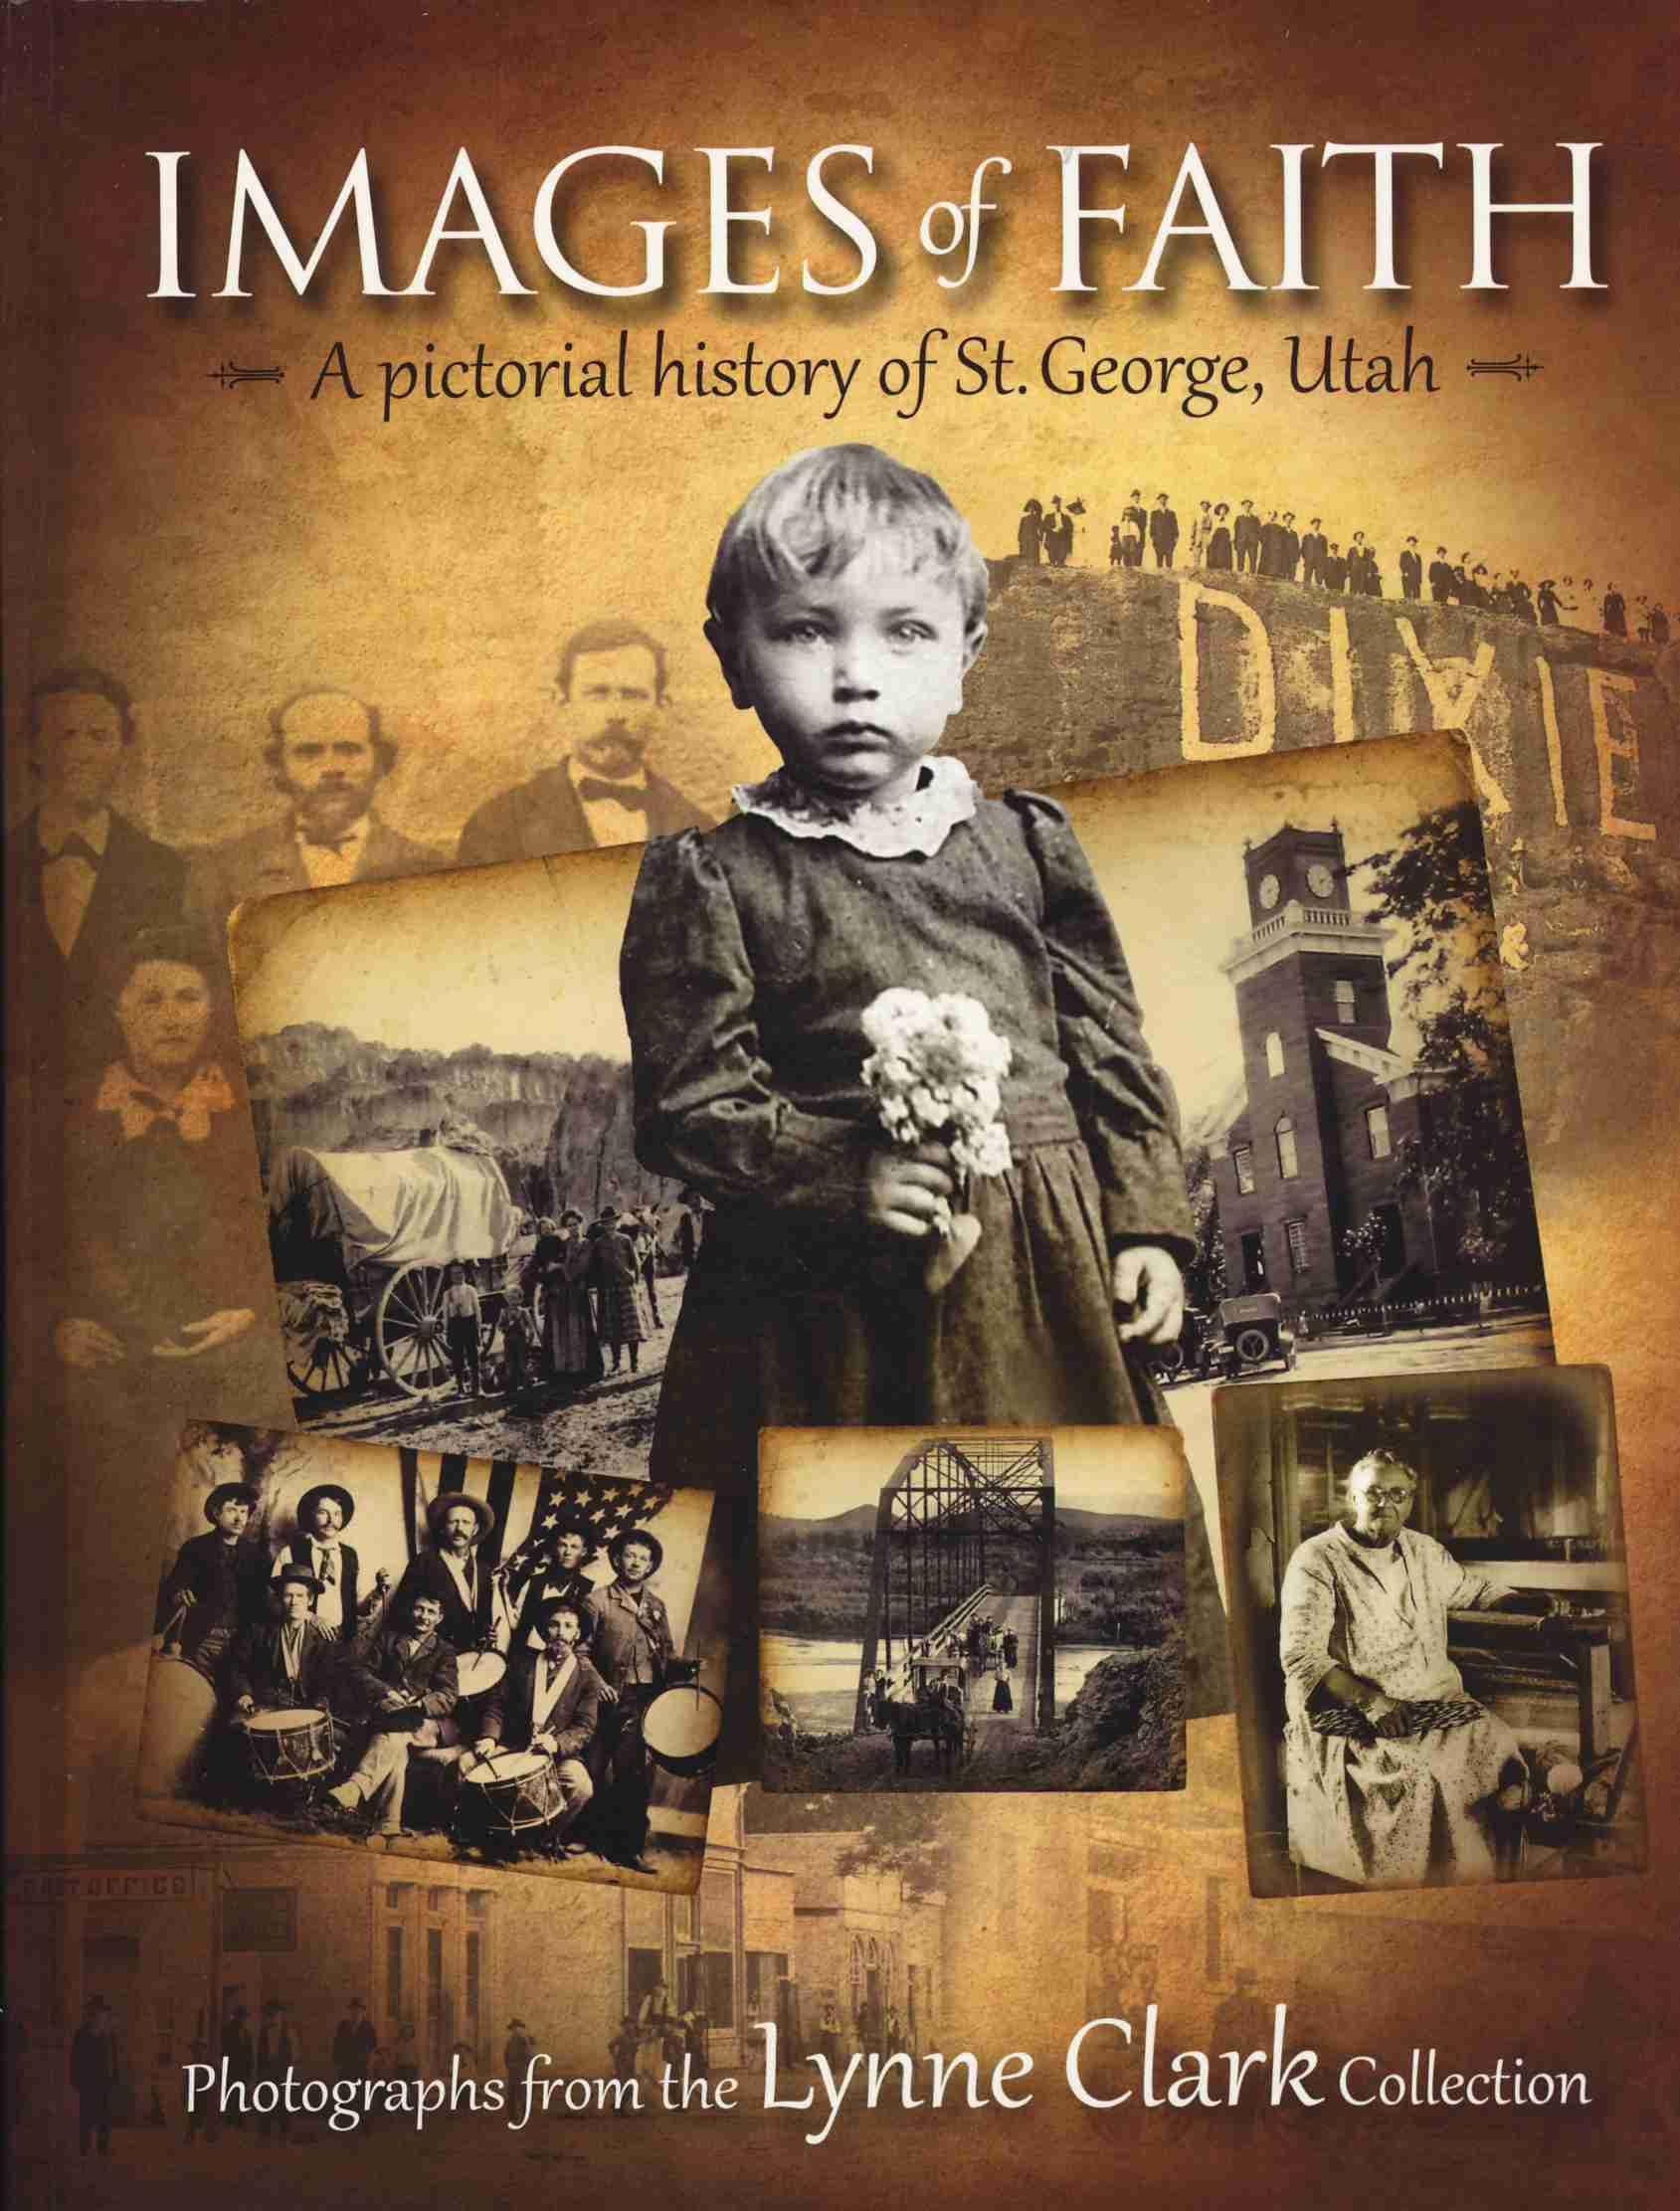 images-of-faith-book1.jpg